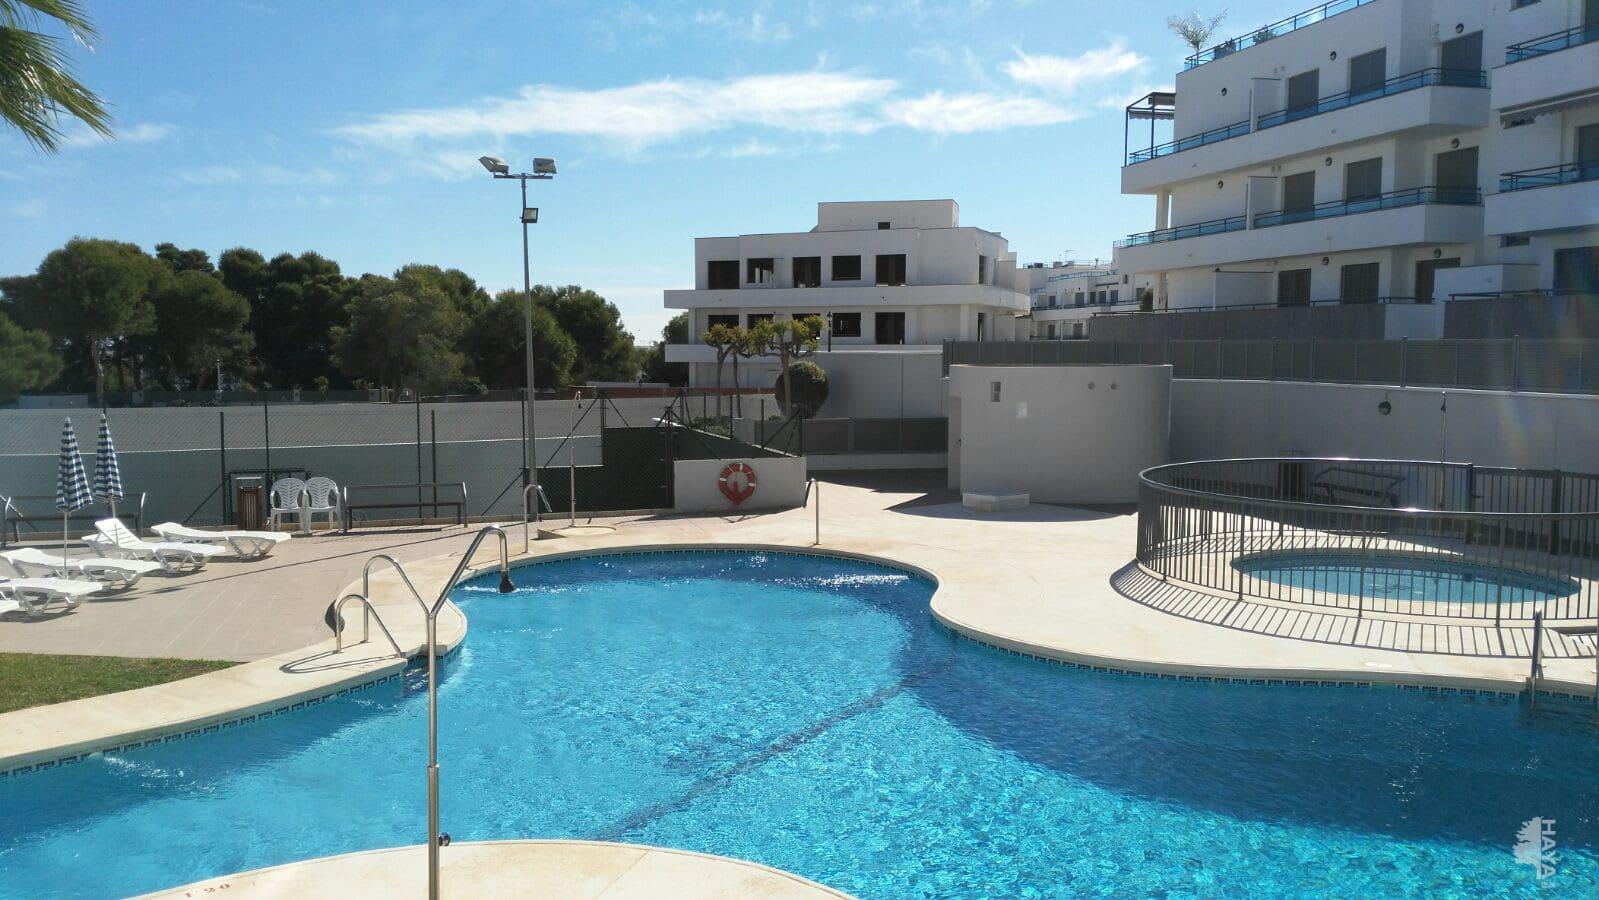 Piso en venta en Garrucha, Garrucha, Almería, Calle Murillo, 98.300 €, 2 habitaciones, 2 baños, 77 m2